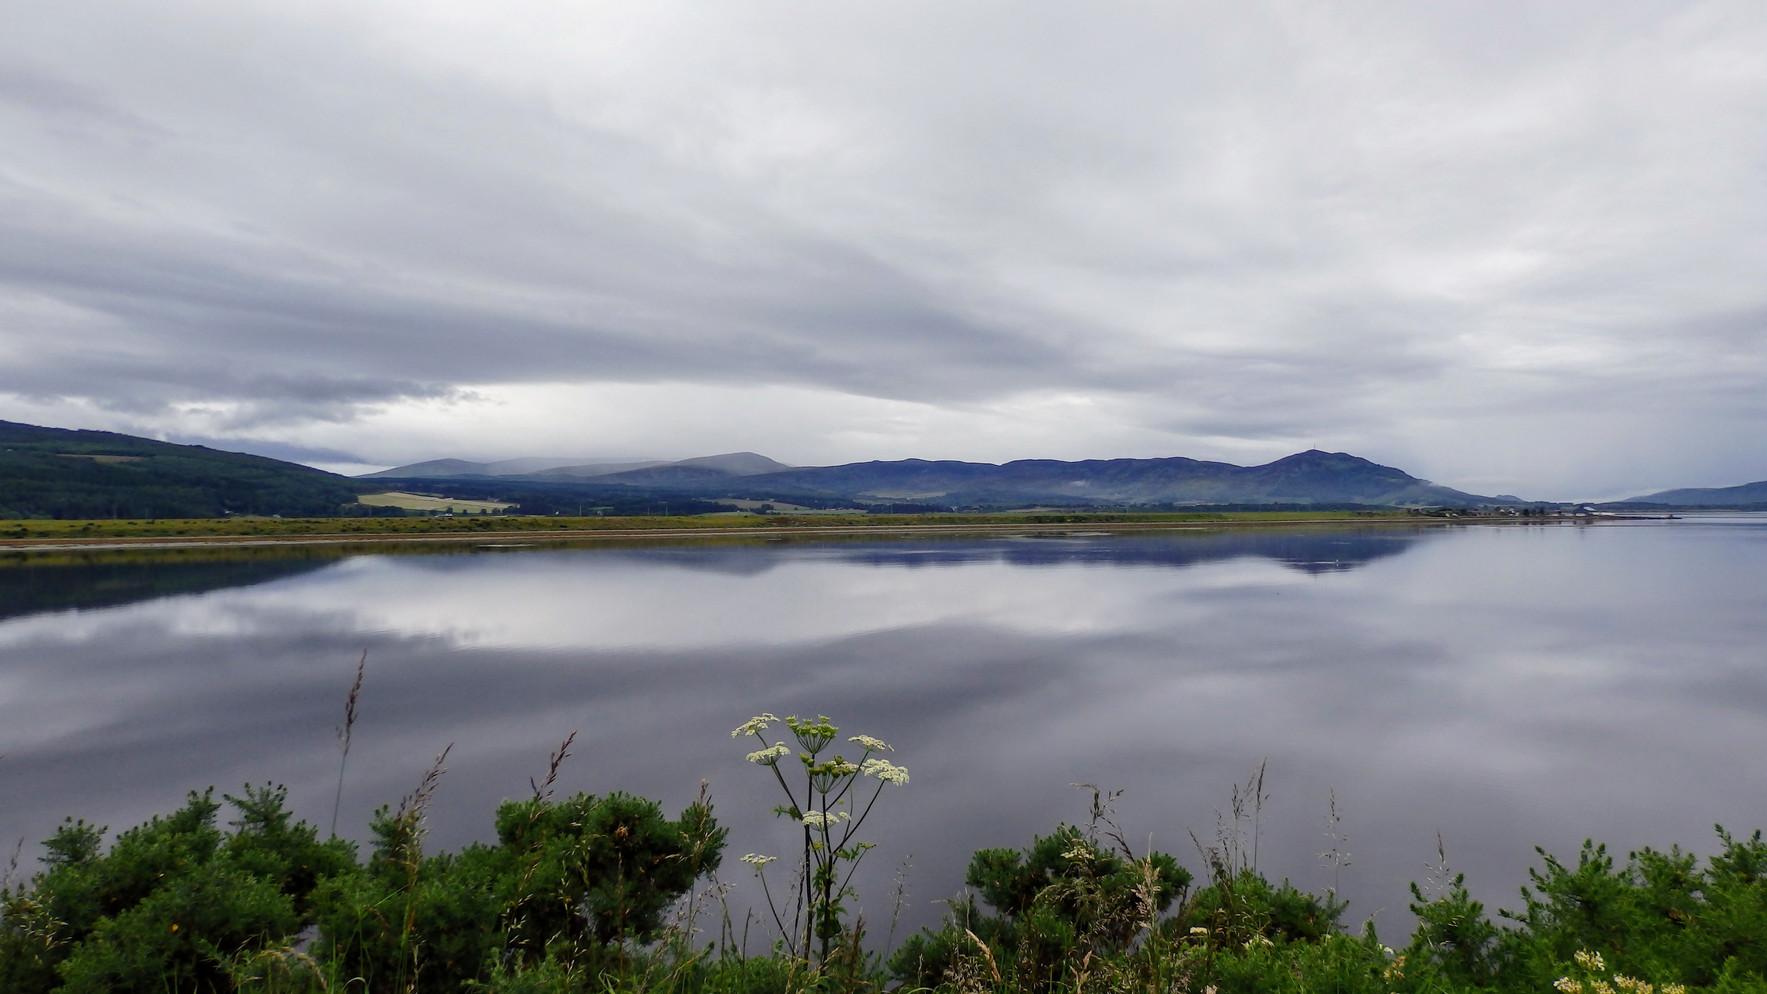 Dornoch Firth, Scotland